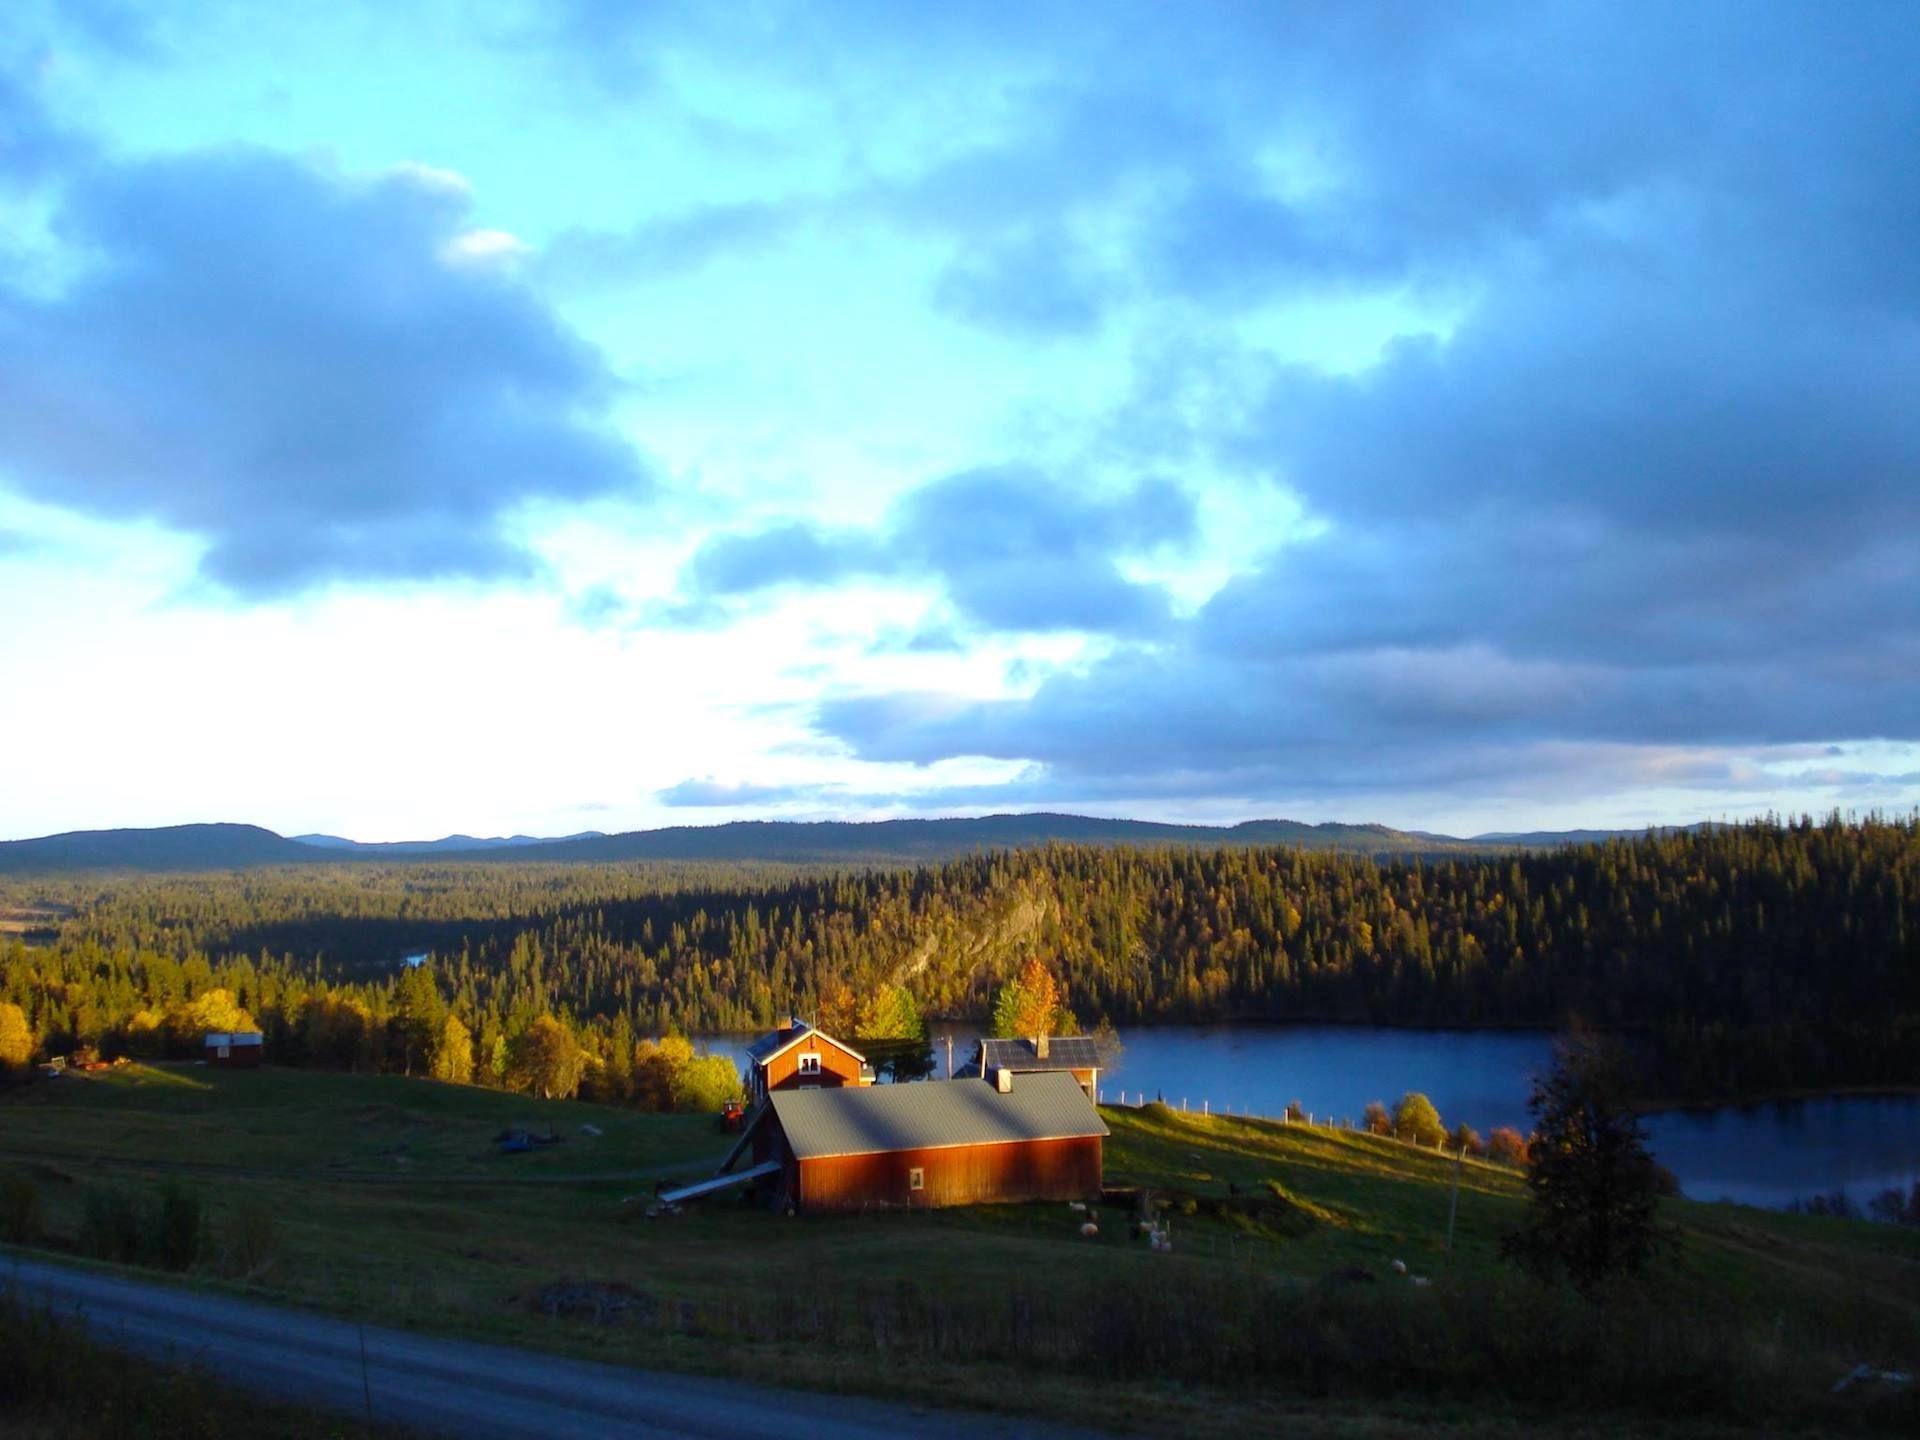 Fjällägenheten Bågavattnet i Hotagsbygden. Foto © Mariana Tarander.